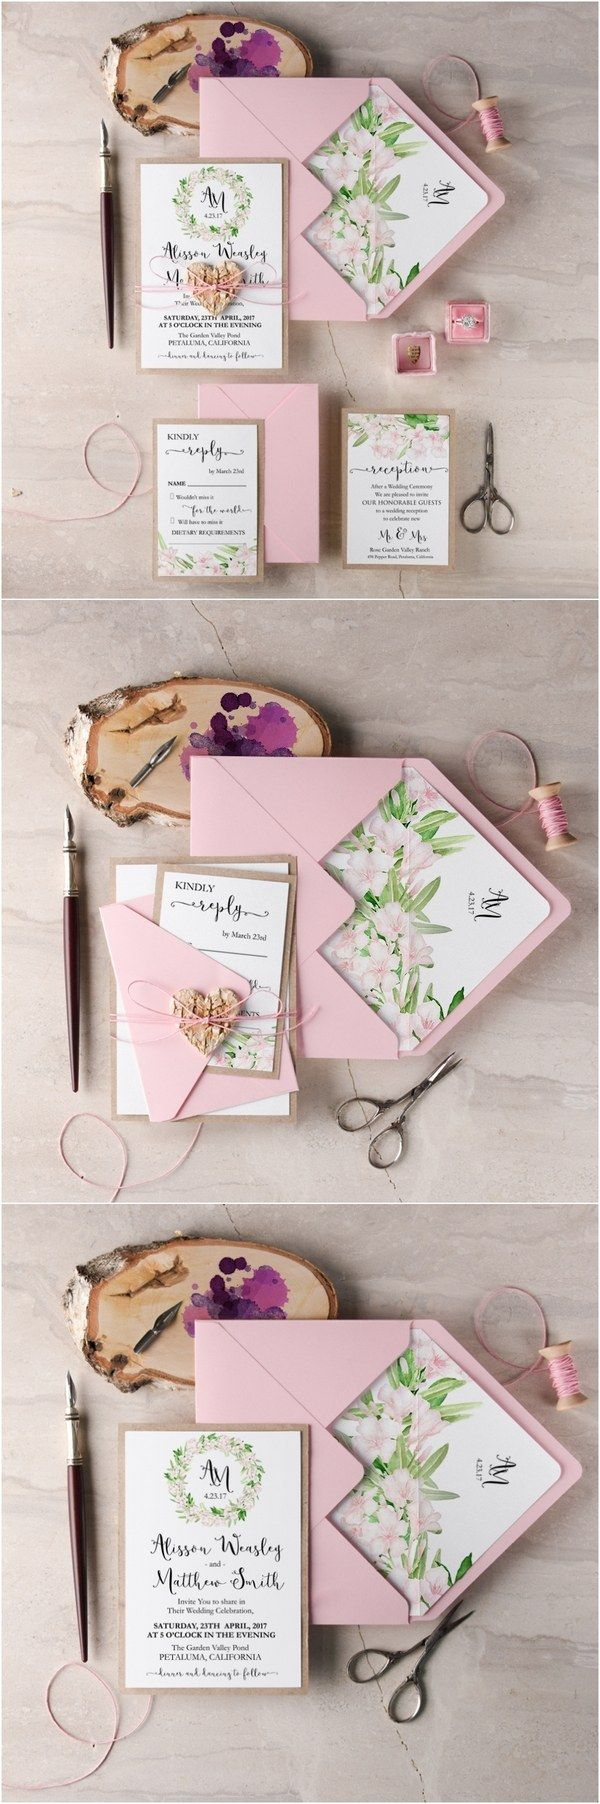 rustic wianek pink botanical spring summer wedding invitations / http://www.deerpearlflowers.com/rustic-wedding-guest-books-botanical-wedding-invitations/